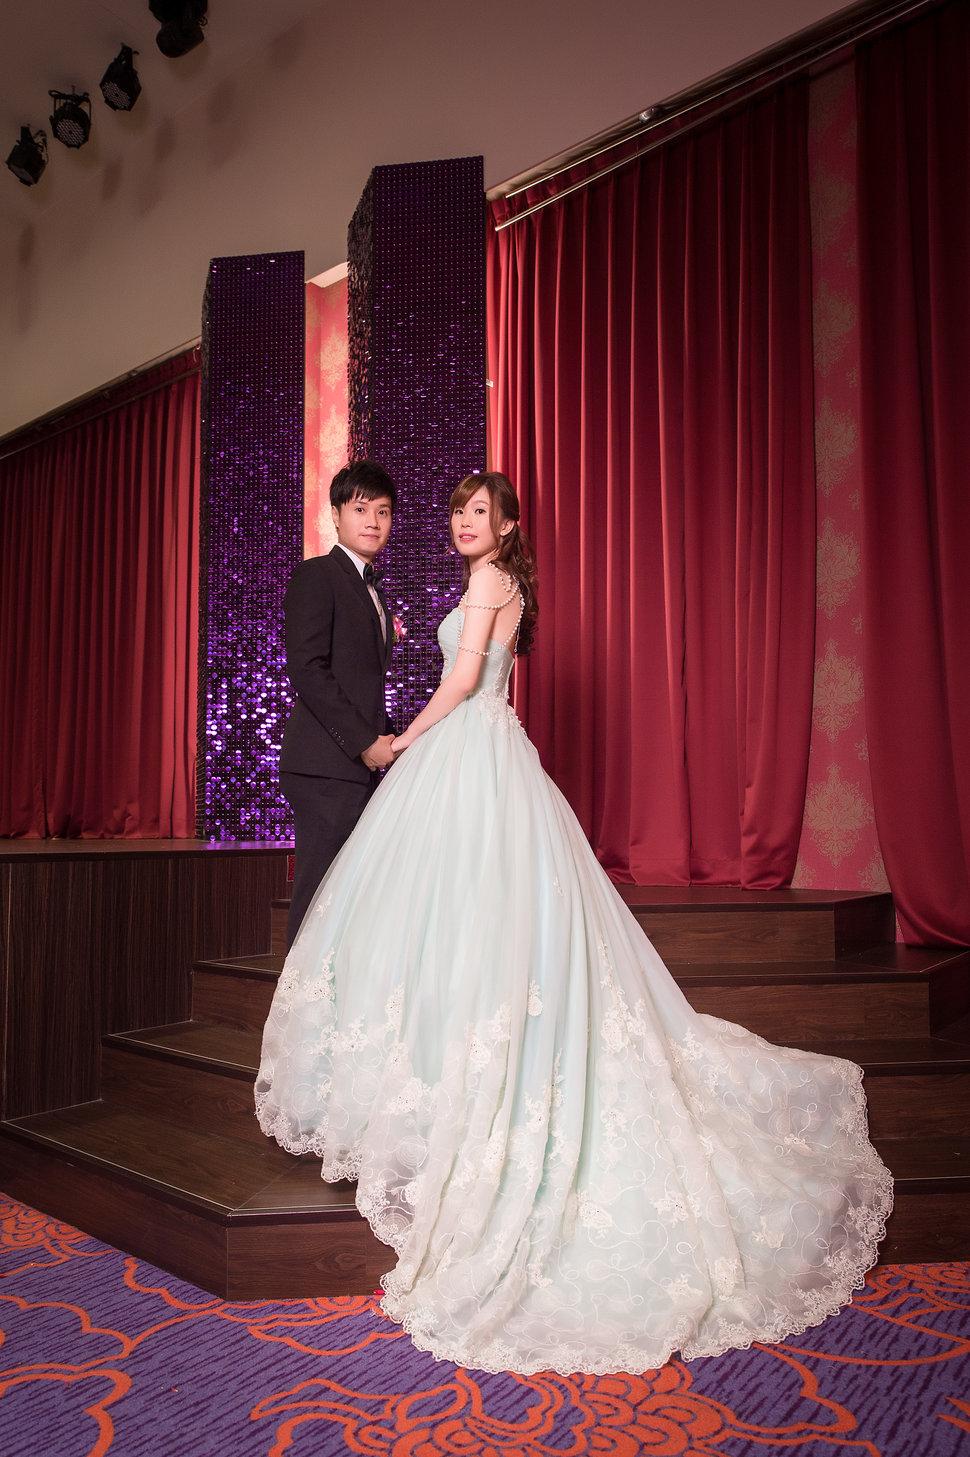 [桃園婚攝] 文訂迎娶&海豐餐廳(編號:433187) - Allen影像團隊 Love Story - 結婚吧